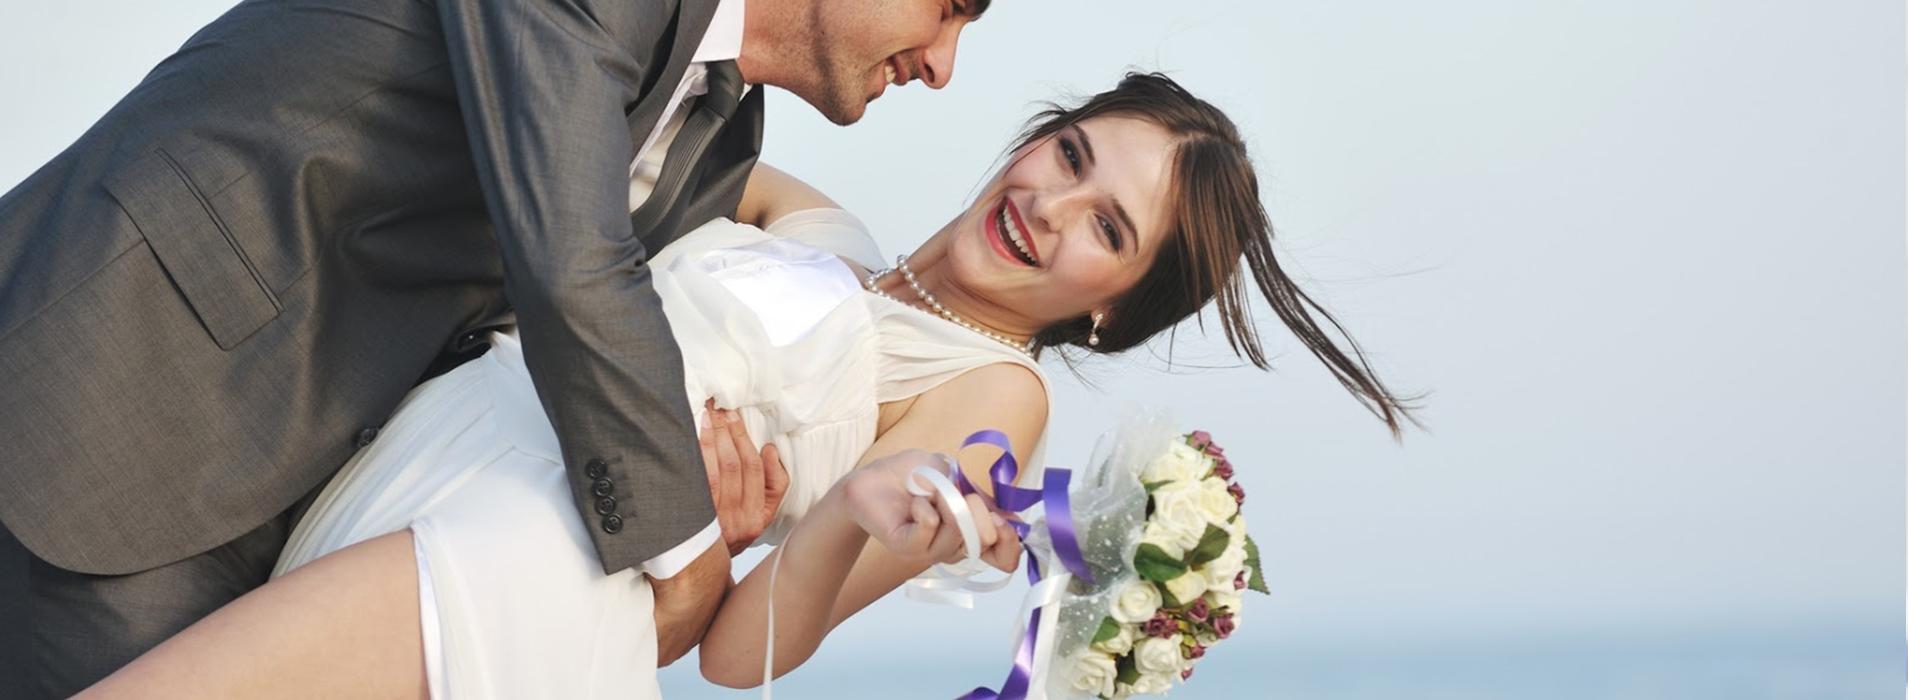 Haz de tu boda un día inolvidable